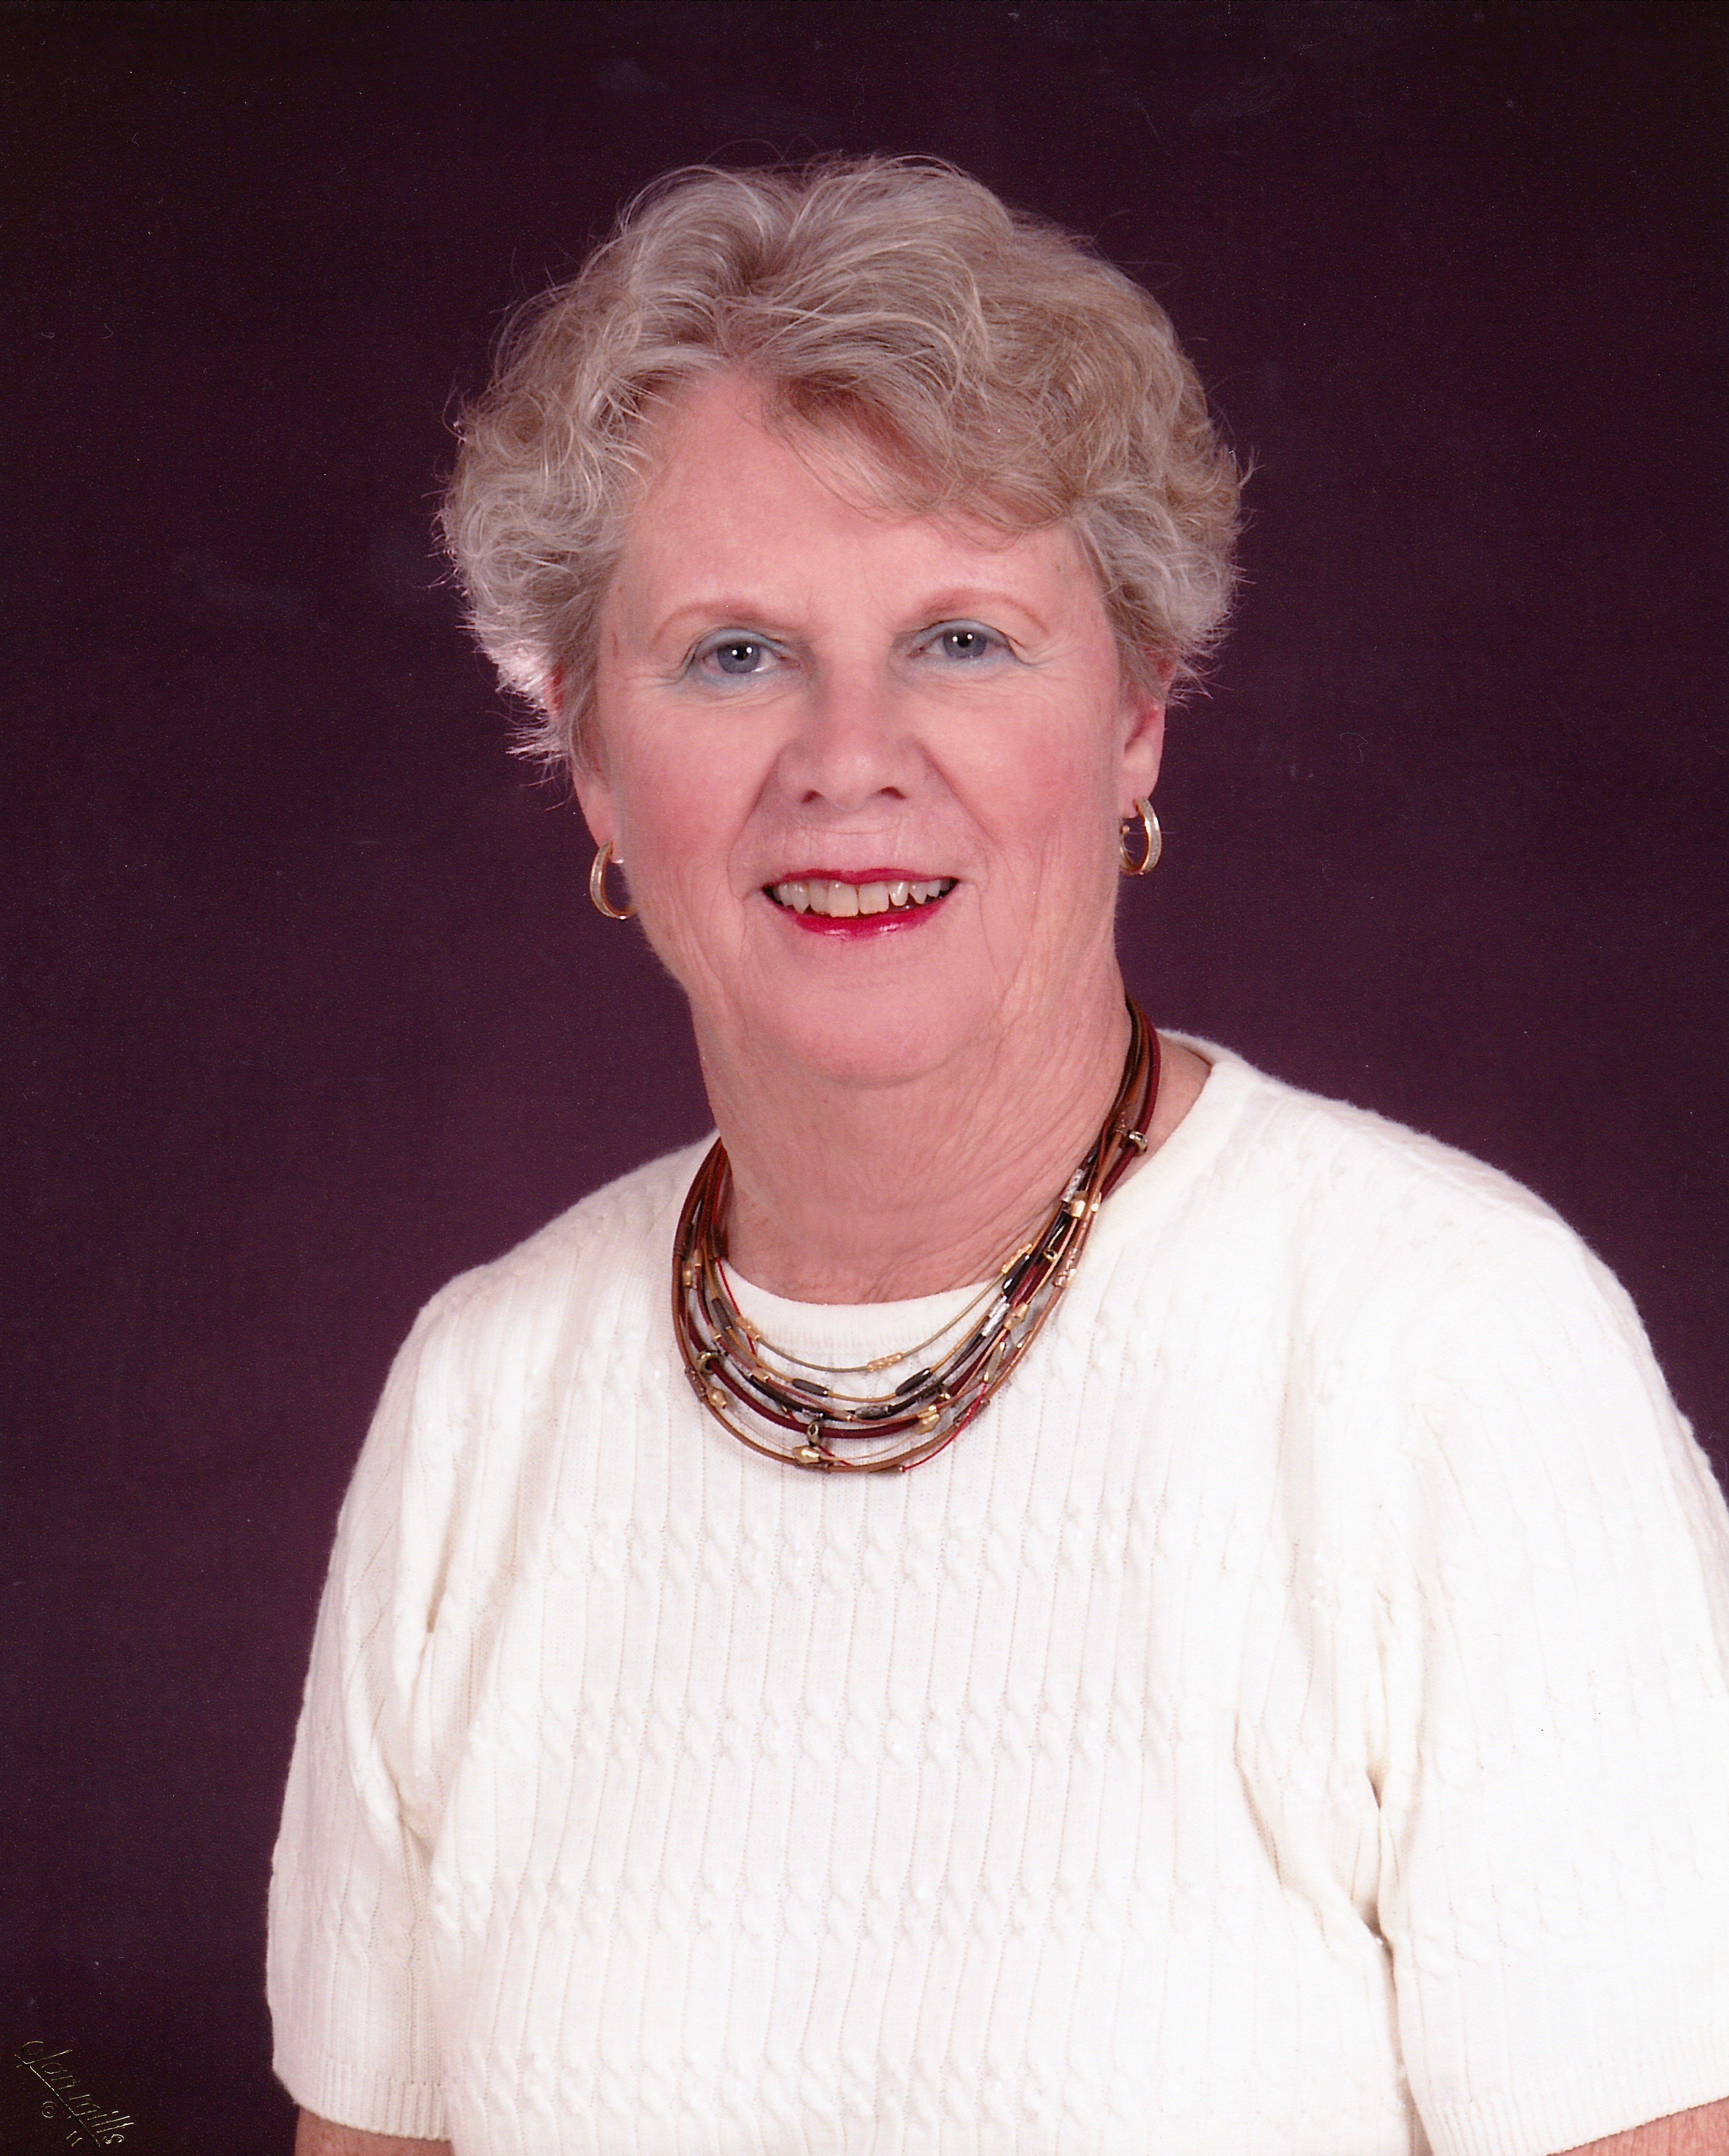 Mary Beth Morse